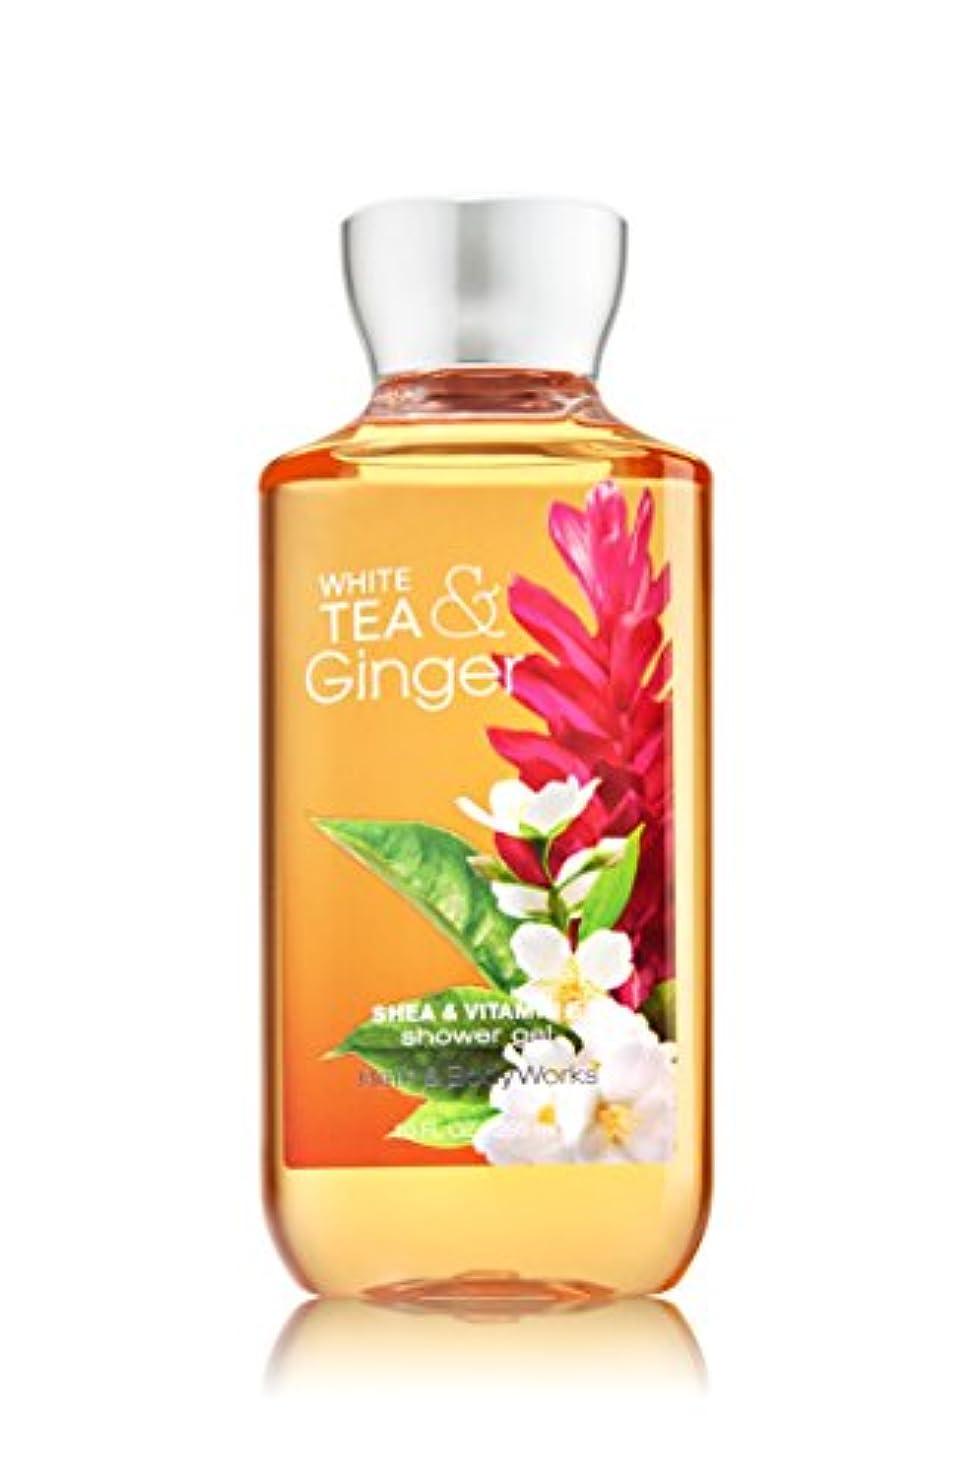 生産性解体する雹【Bath&Body Works/バス&ボディワークス】 シャワージェル ホワイトティー&ジンジャー Shower Gel White Tea & Ginger 10 fl oz / 295 mL [並行輸入品]